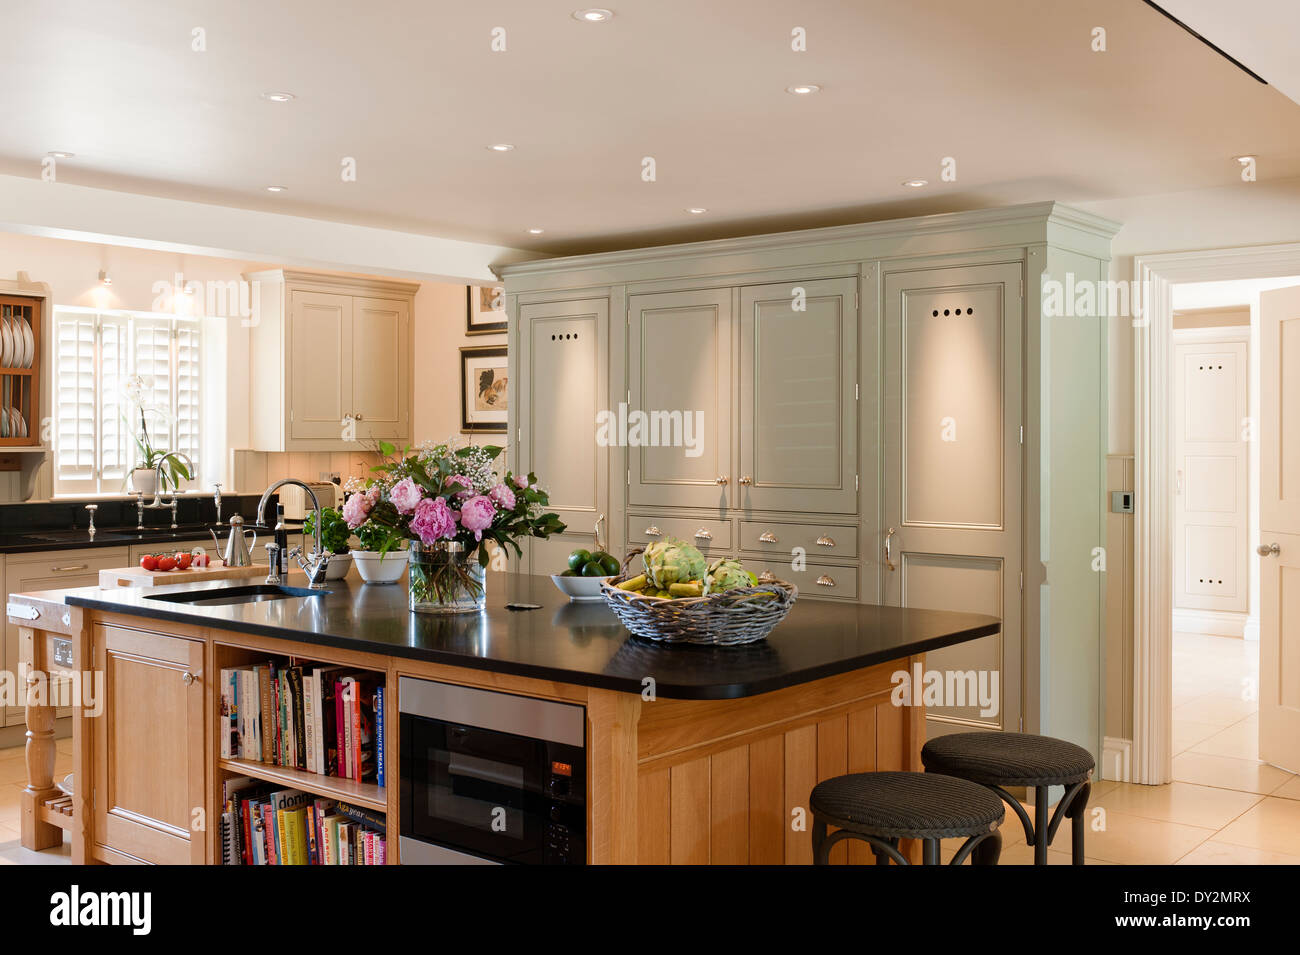 farmhouse kitchen aga stock photos farmhouse kitchen aga stock images alamy. Black Bedroom Furniture Sets. Home Design Ideas